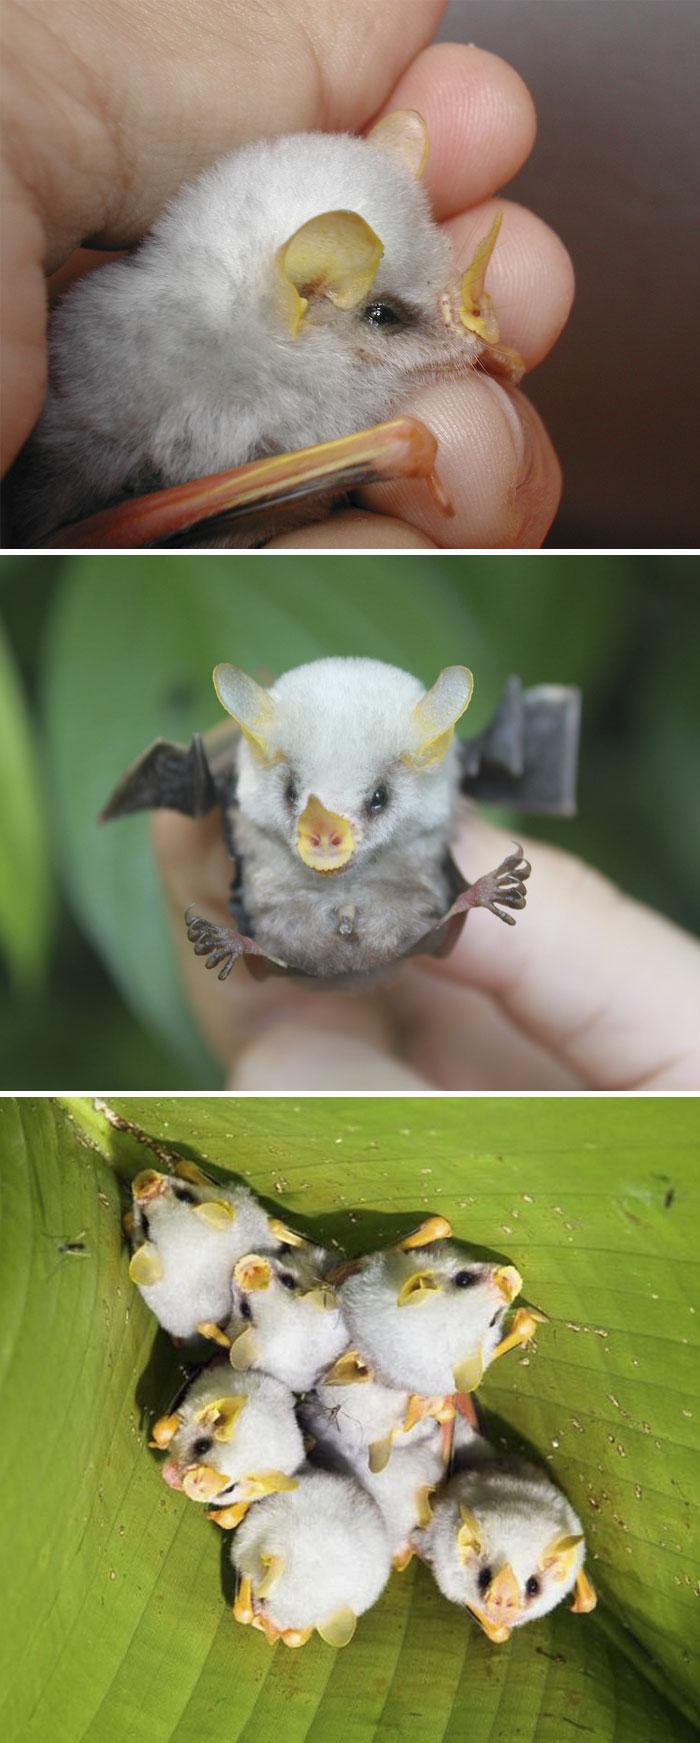 太难得了!这些珍稀动物幼崽你可能从来没见过! 天了噜!小组 果壳网 科技有意思